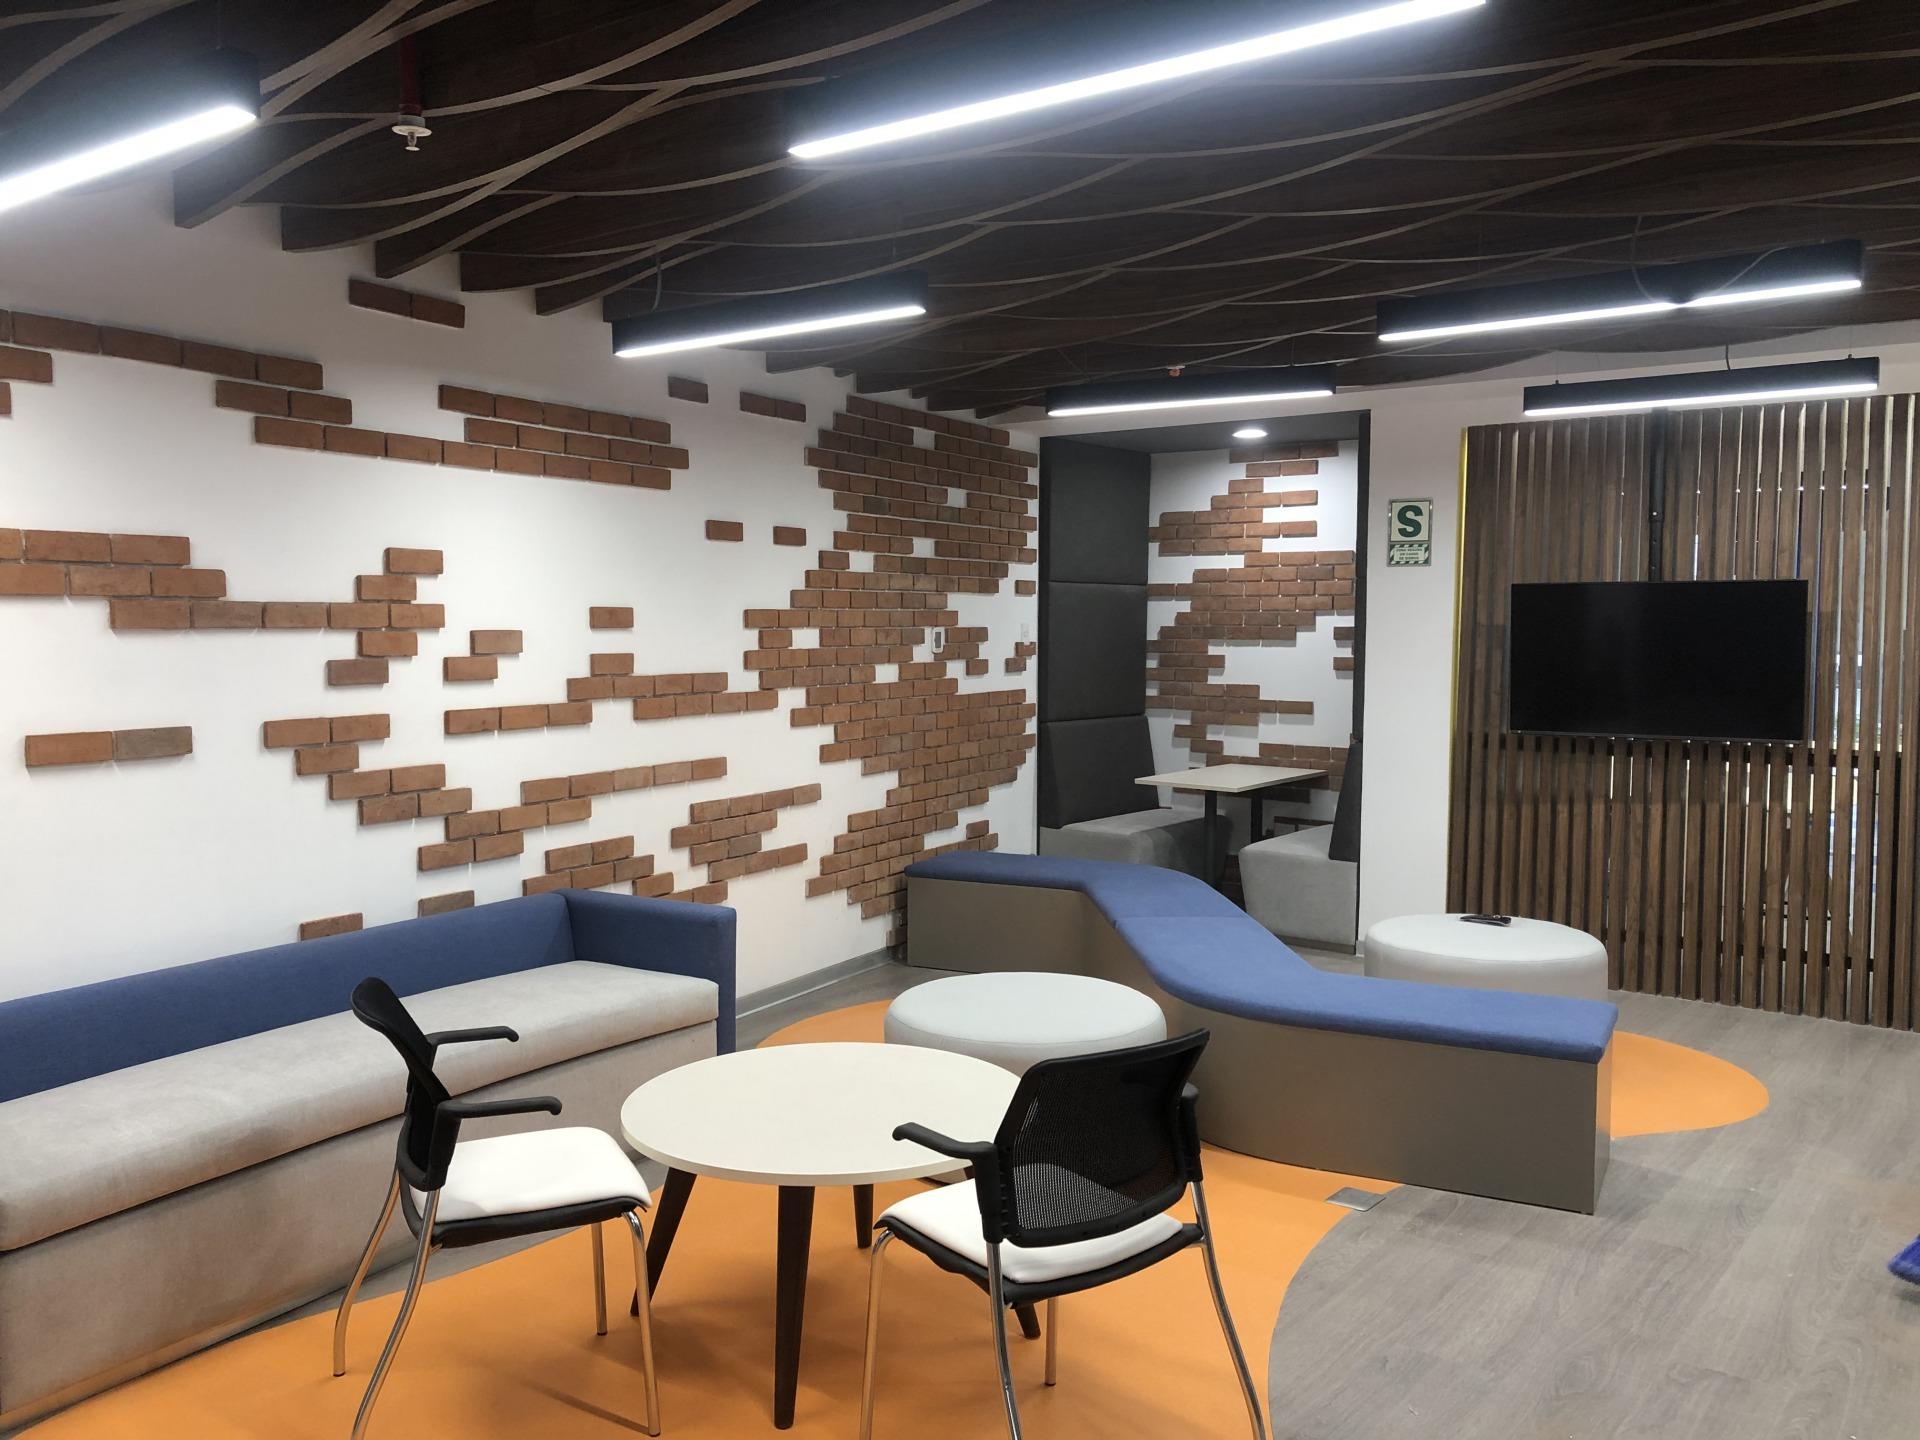 Nuevo C - Sala de reuniones A - Castellano